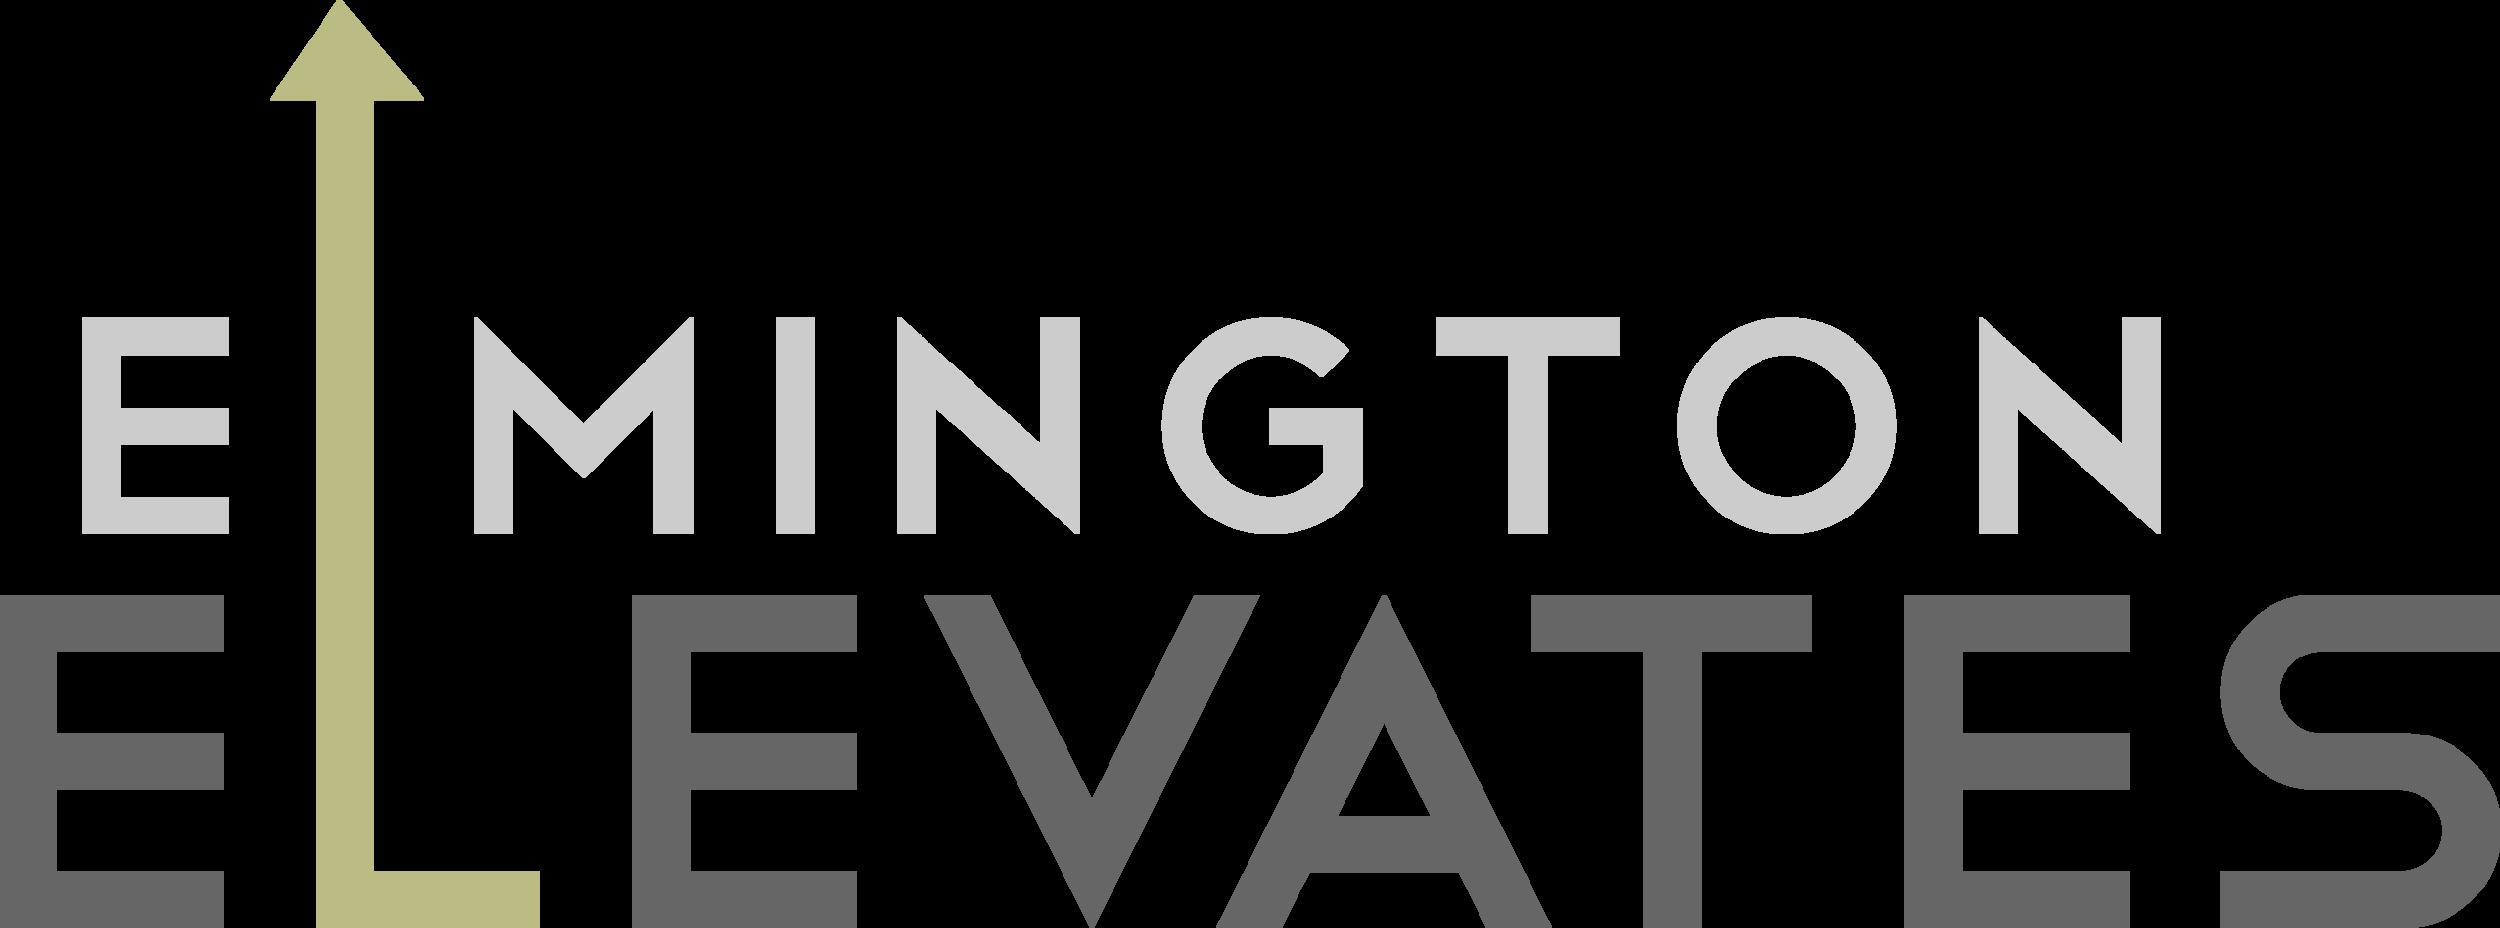 Elmington Elevates.png